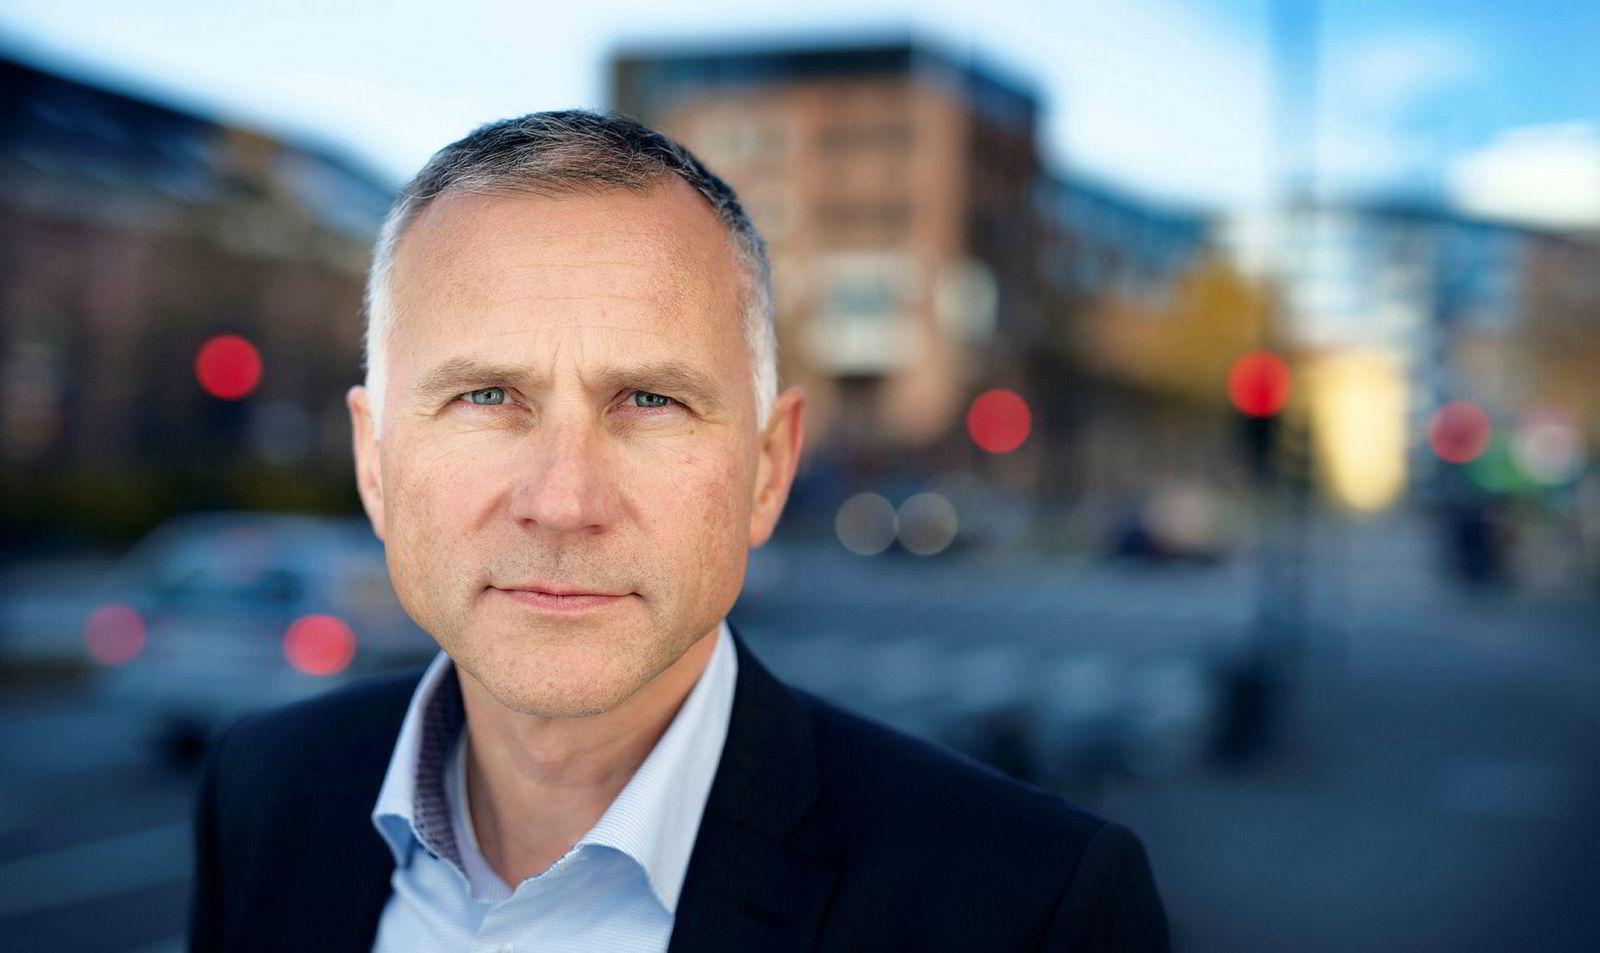 Informasjonsdirektør i Finans Norge Tom Staavi mener foreldre må sette seg ordentlig inn i risikoen ved å kausjonere for barna.